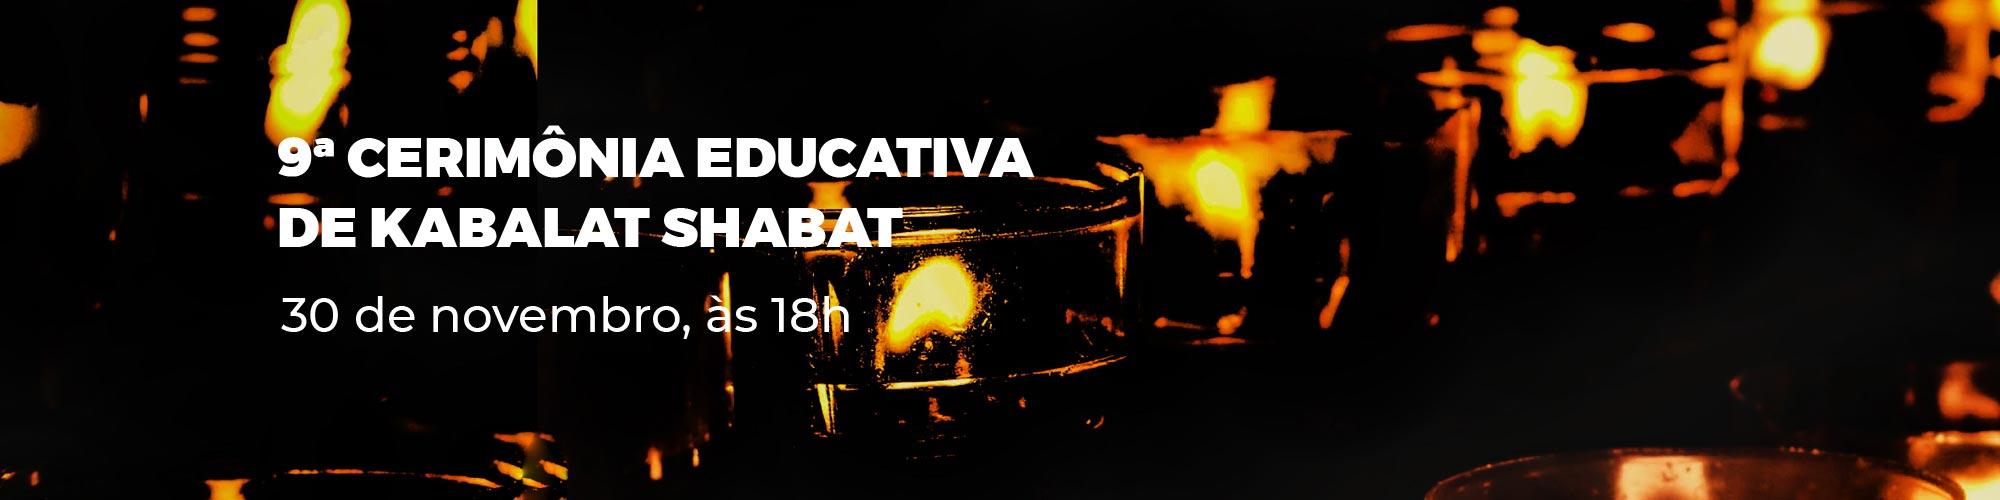 Raul Meyer celebra penúltima cerimônia educativa de Kabalat Shabat de 2018